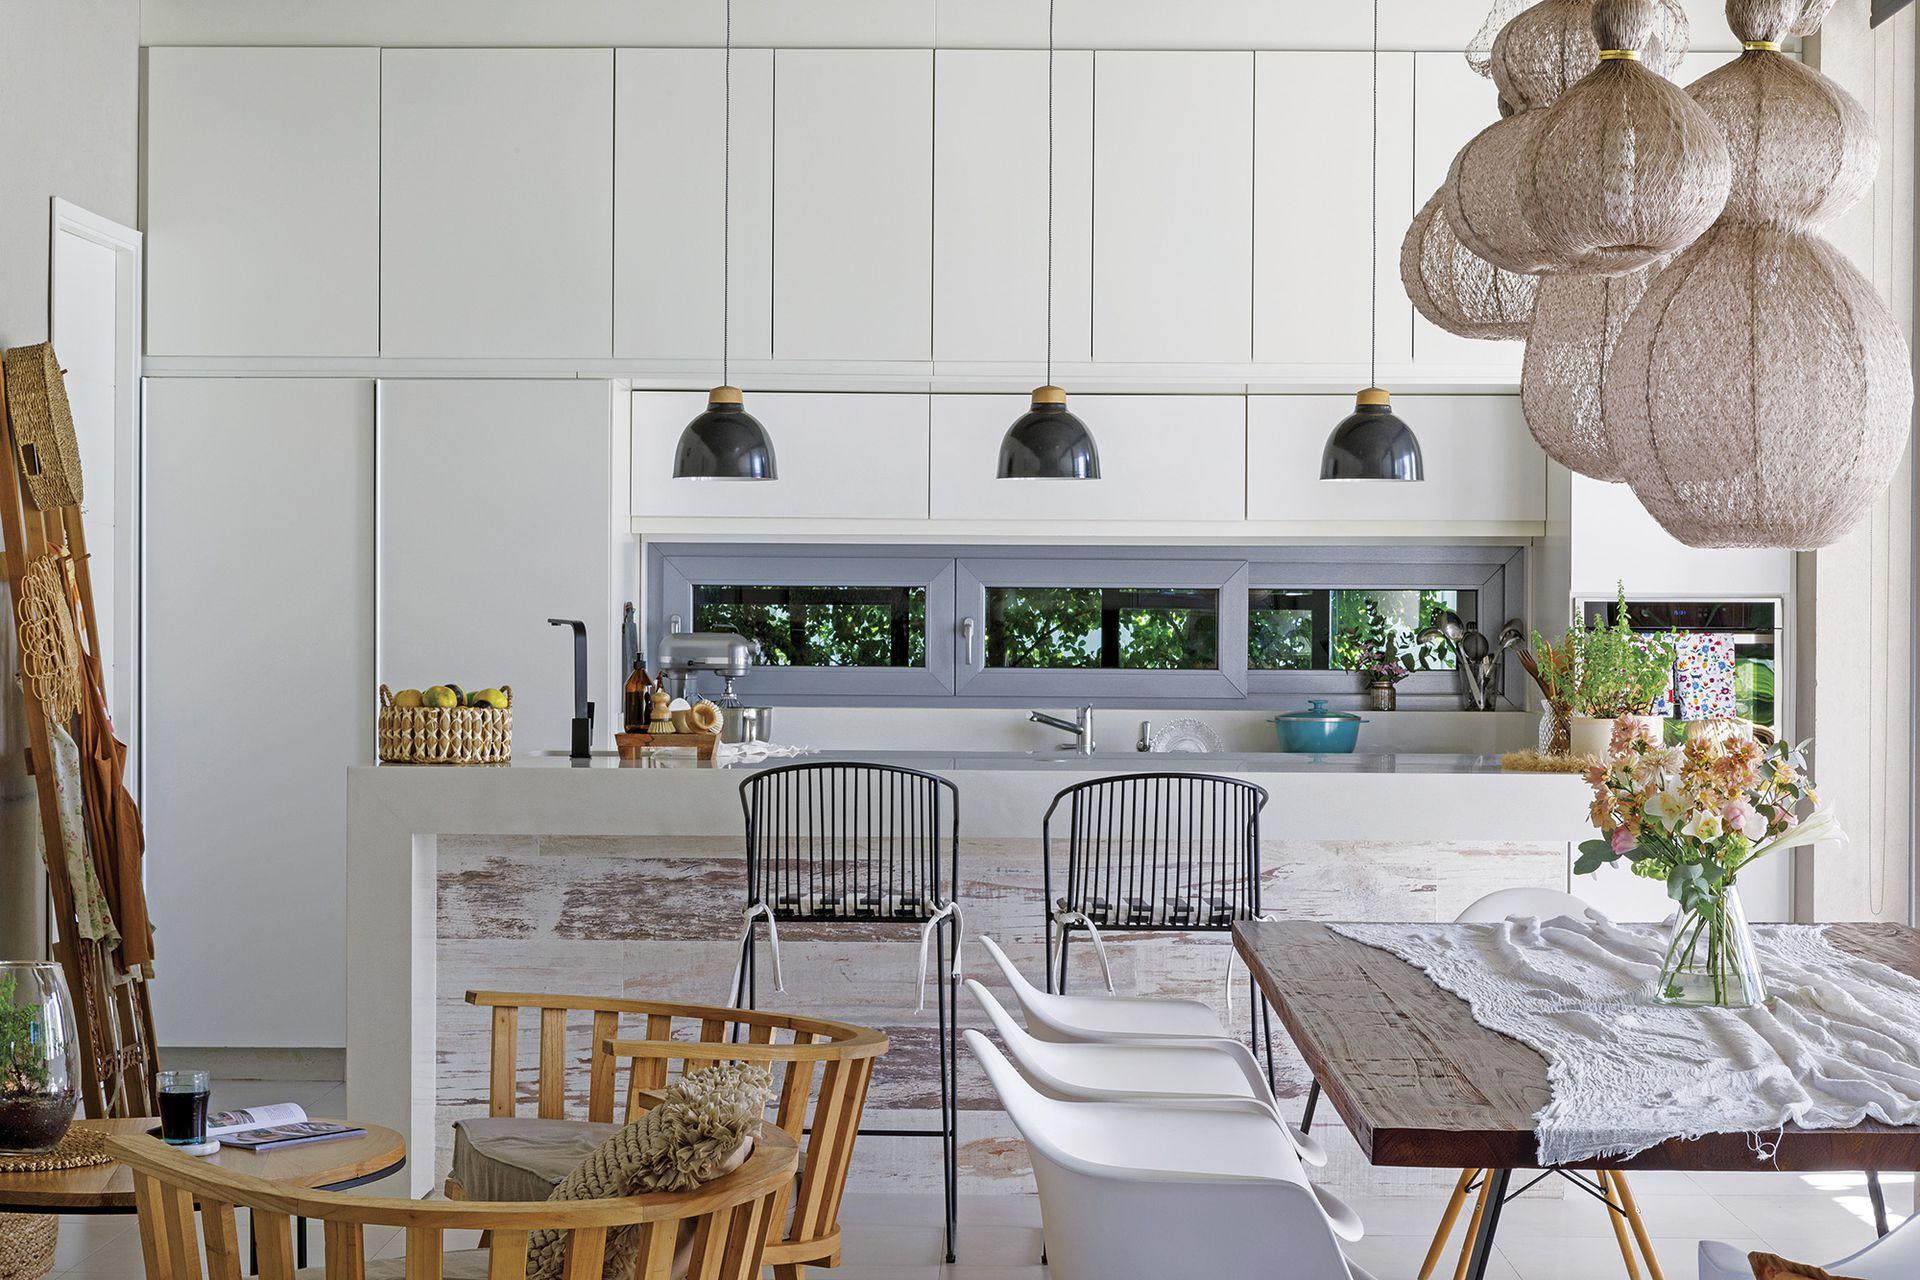 Perfectamente alineados, los muebles laqueados blancos (El Camino Studio) también alojan las heladeras y los hornos a ambos lados de la mesada.